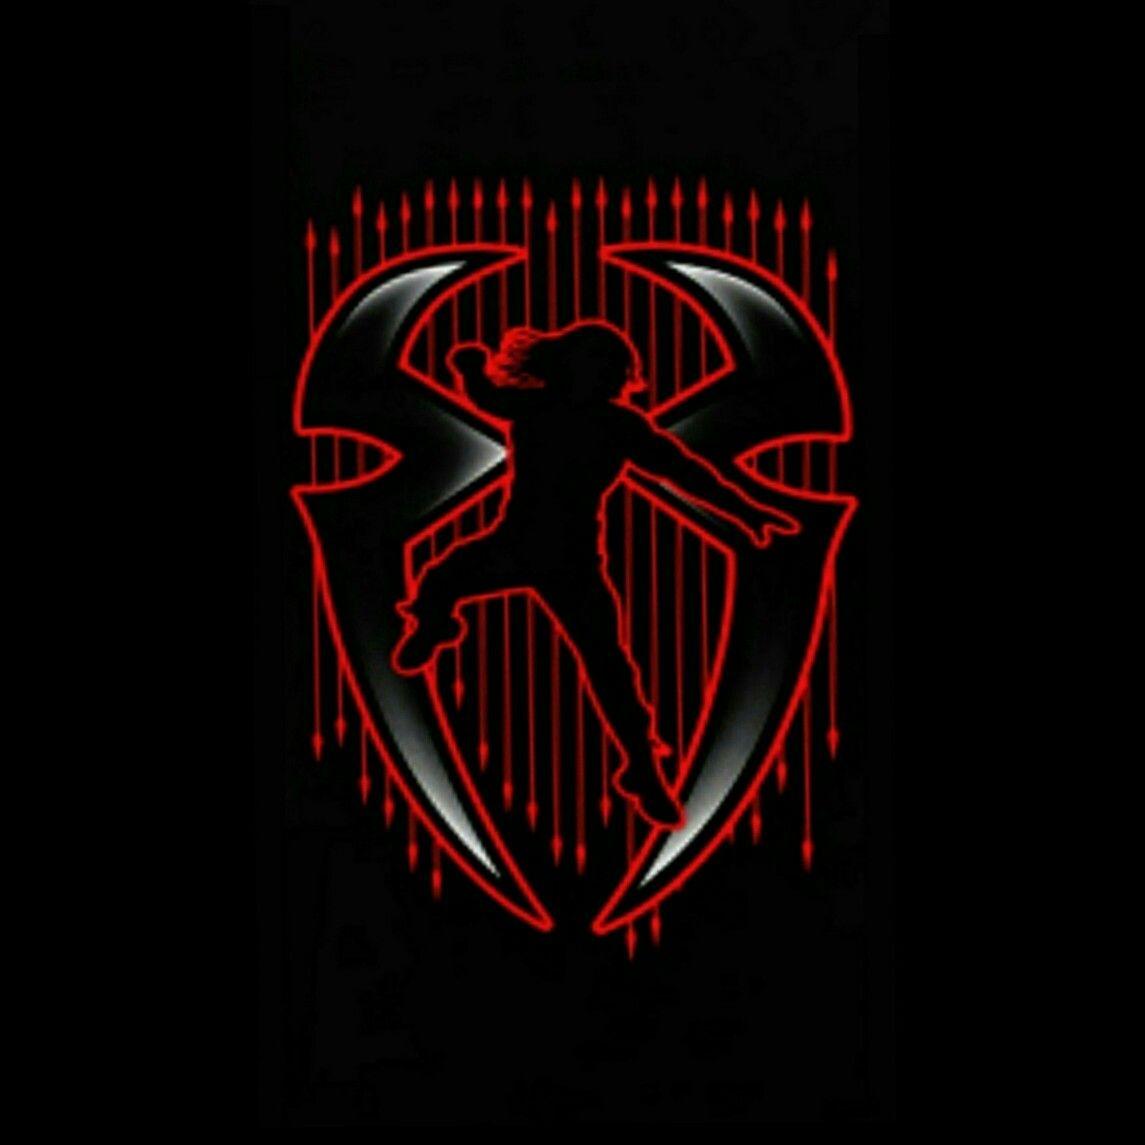 Roman Reigns Roman Reigns Roman Reigns Logo Wwe Superstar Roman Reigns